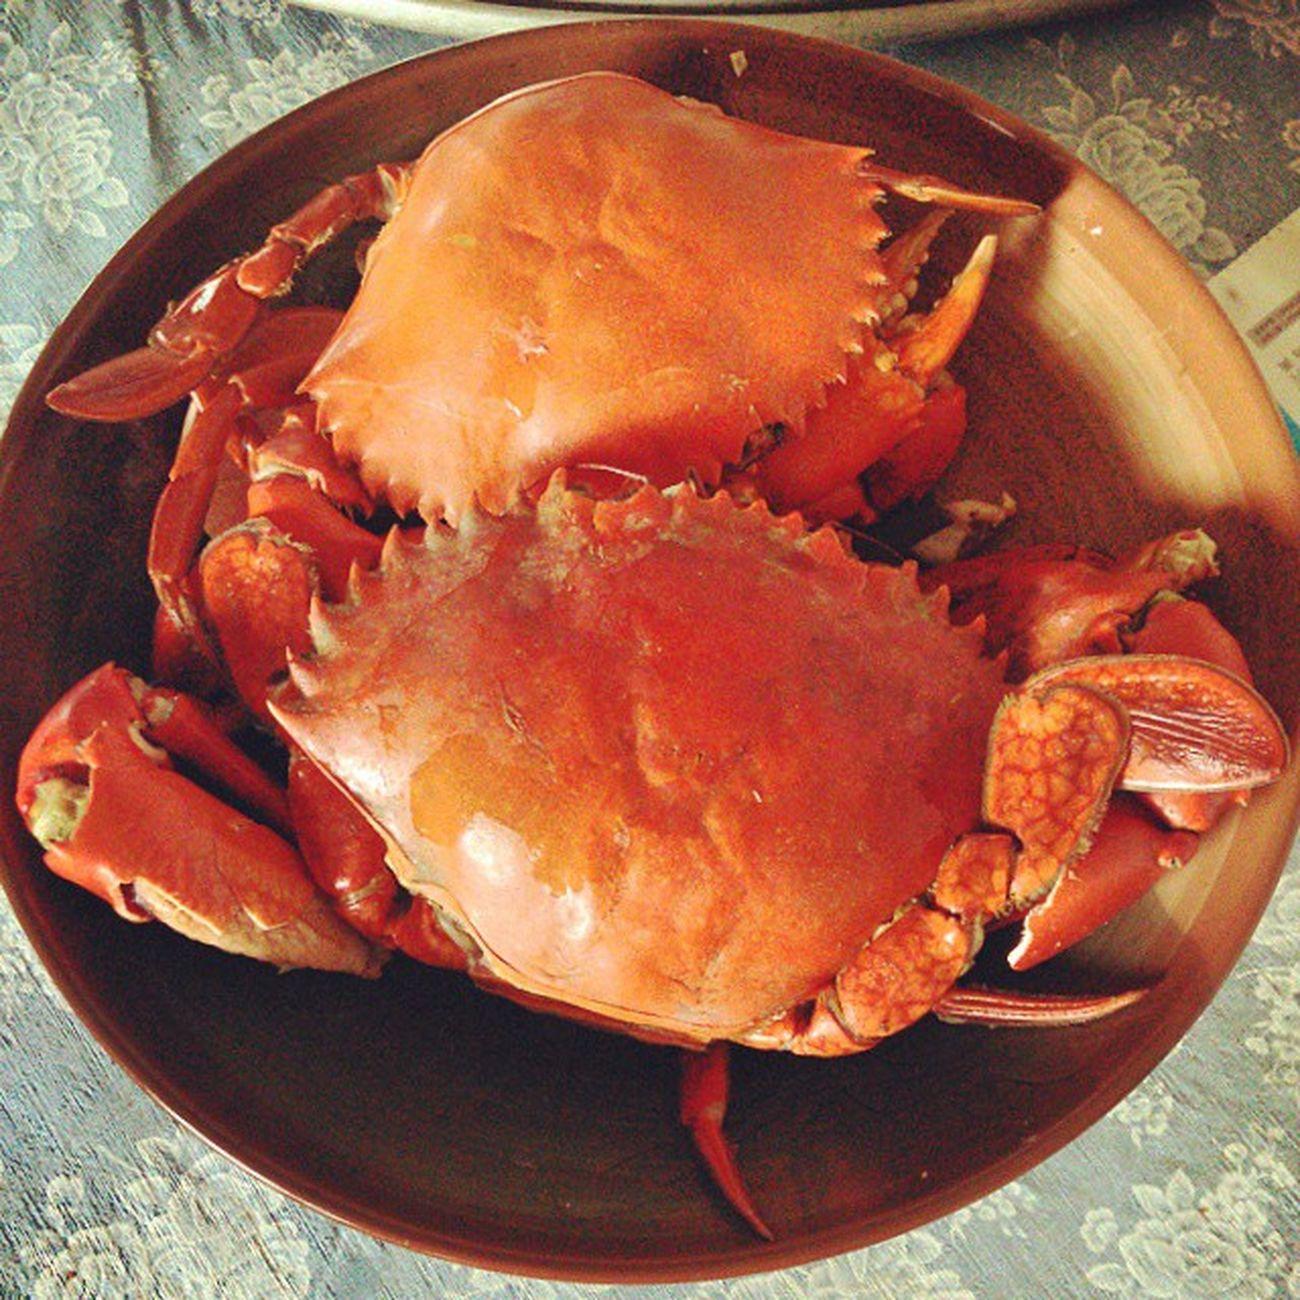 秋蟹。big crab かに 秋の味覚 あき Crab